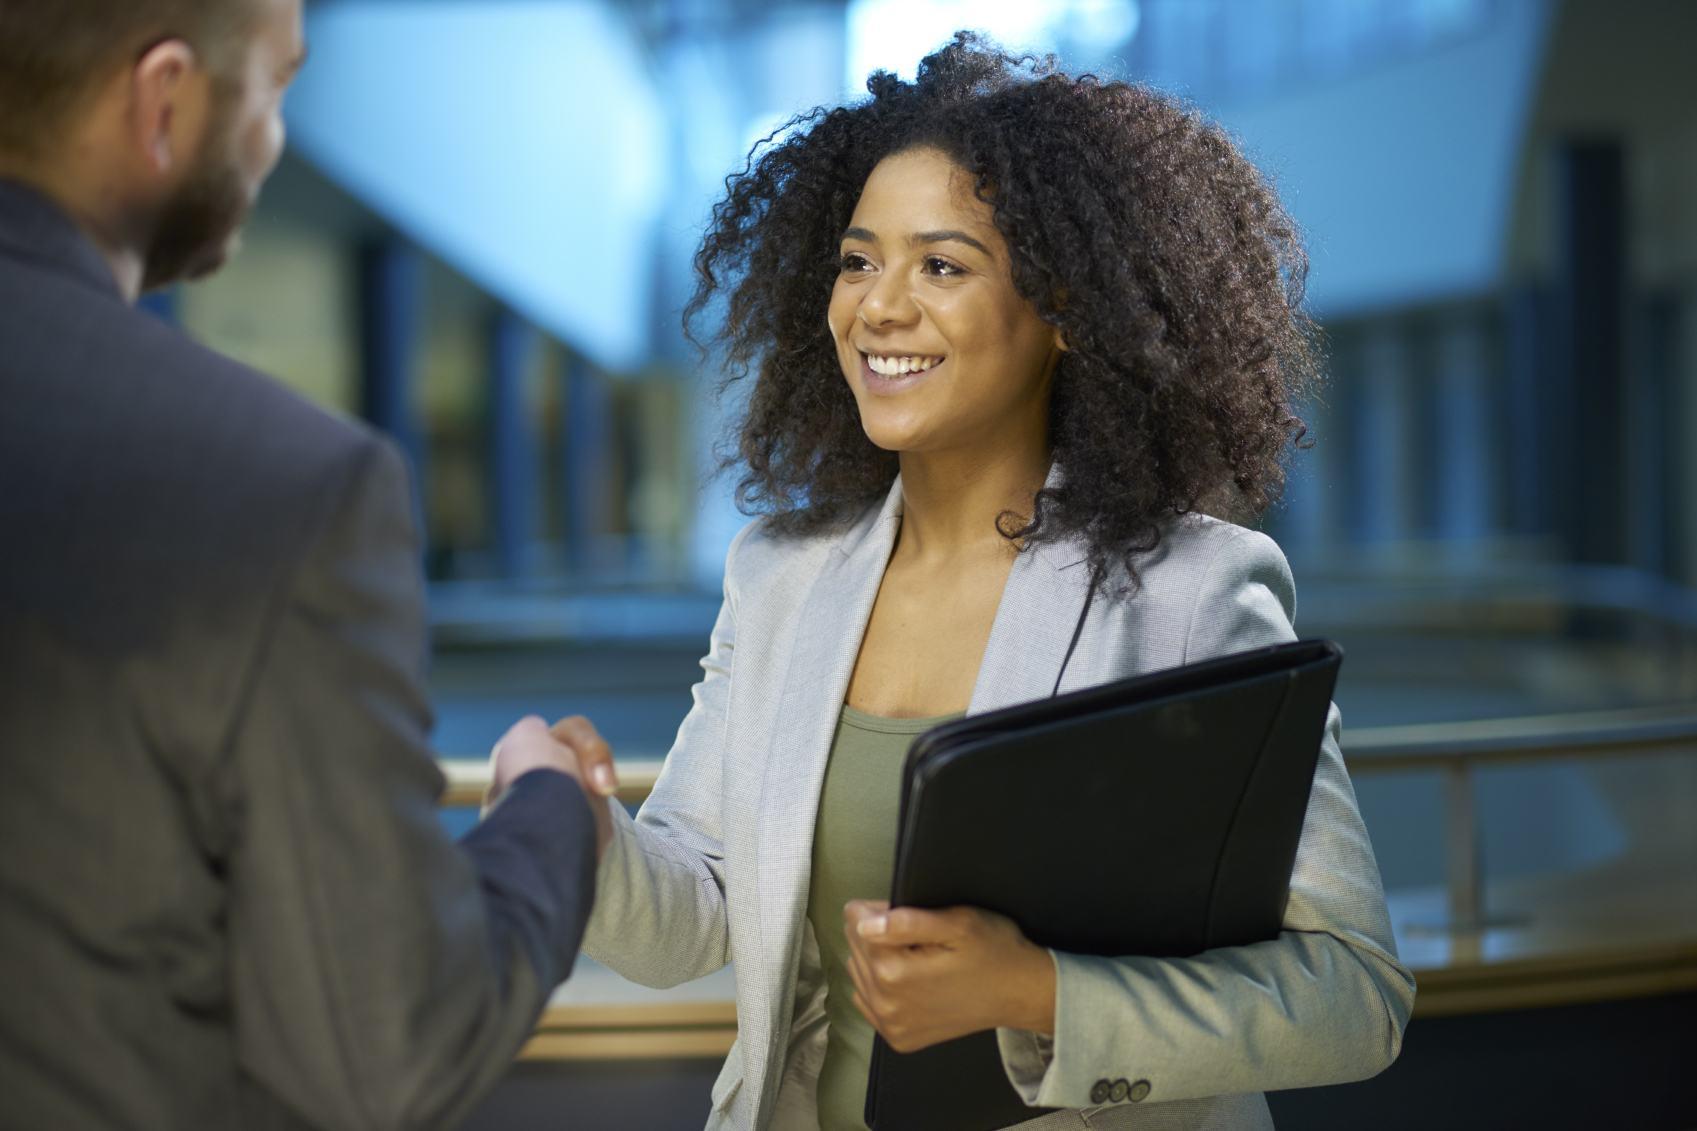 In een gezond bedrijf communiceren werknemers goed met elkaar. (Foto: Adobe Stock)